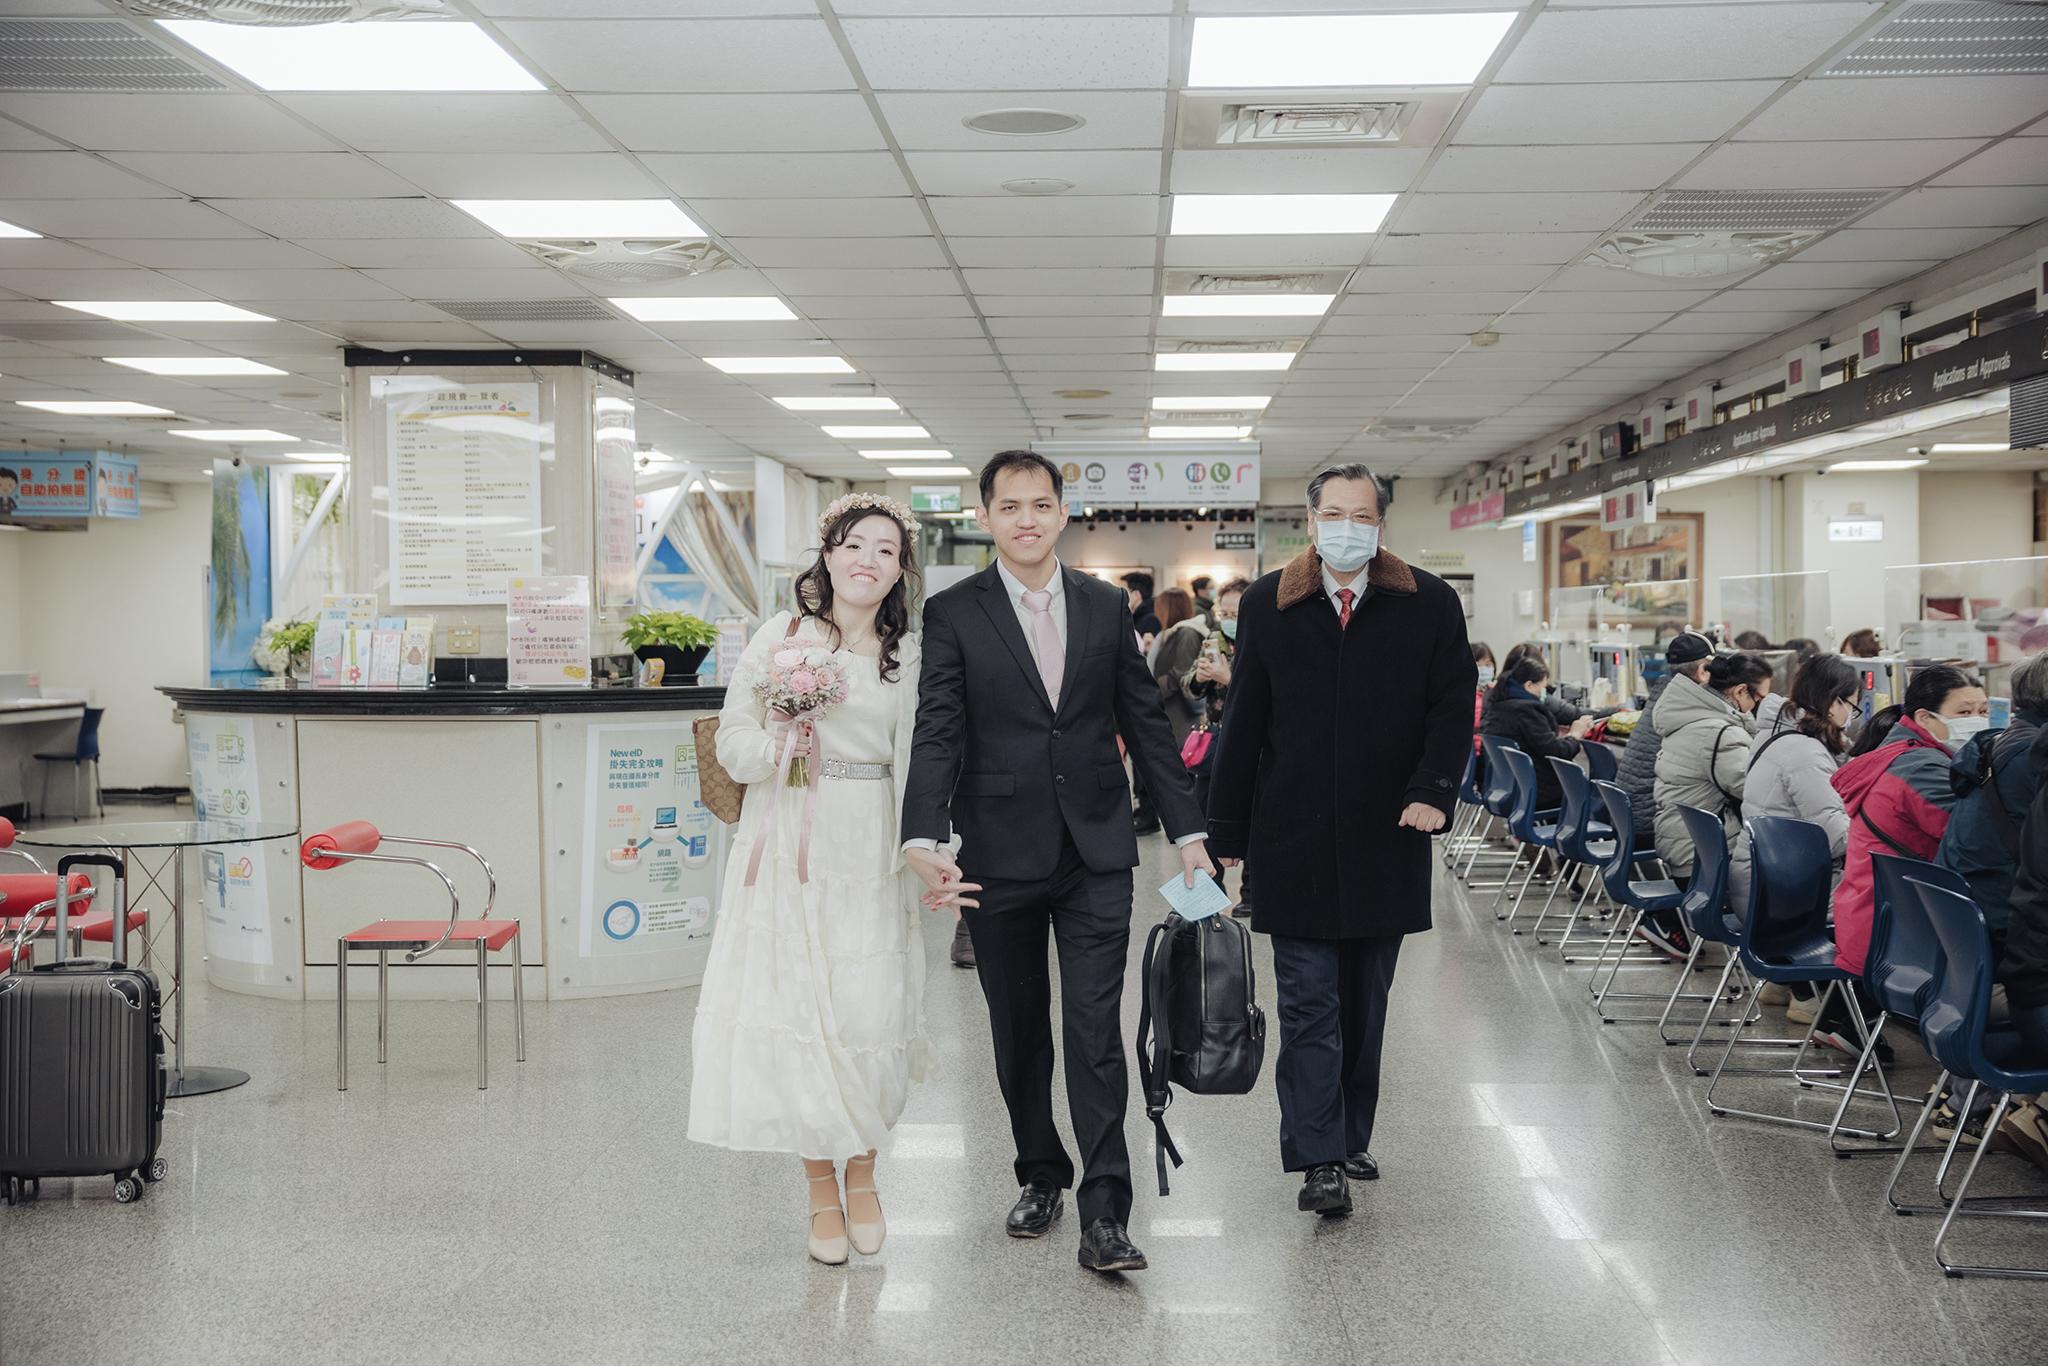 51499708579 362cf16aaf o - 【證婚寫真】+馥瑤&威宇+